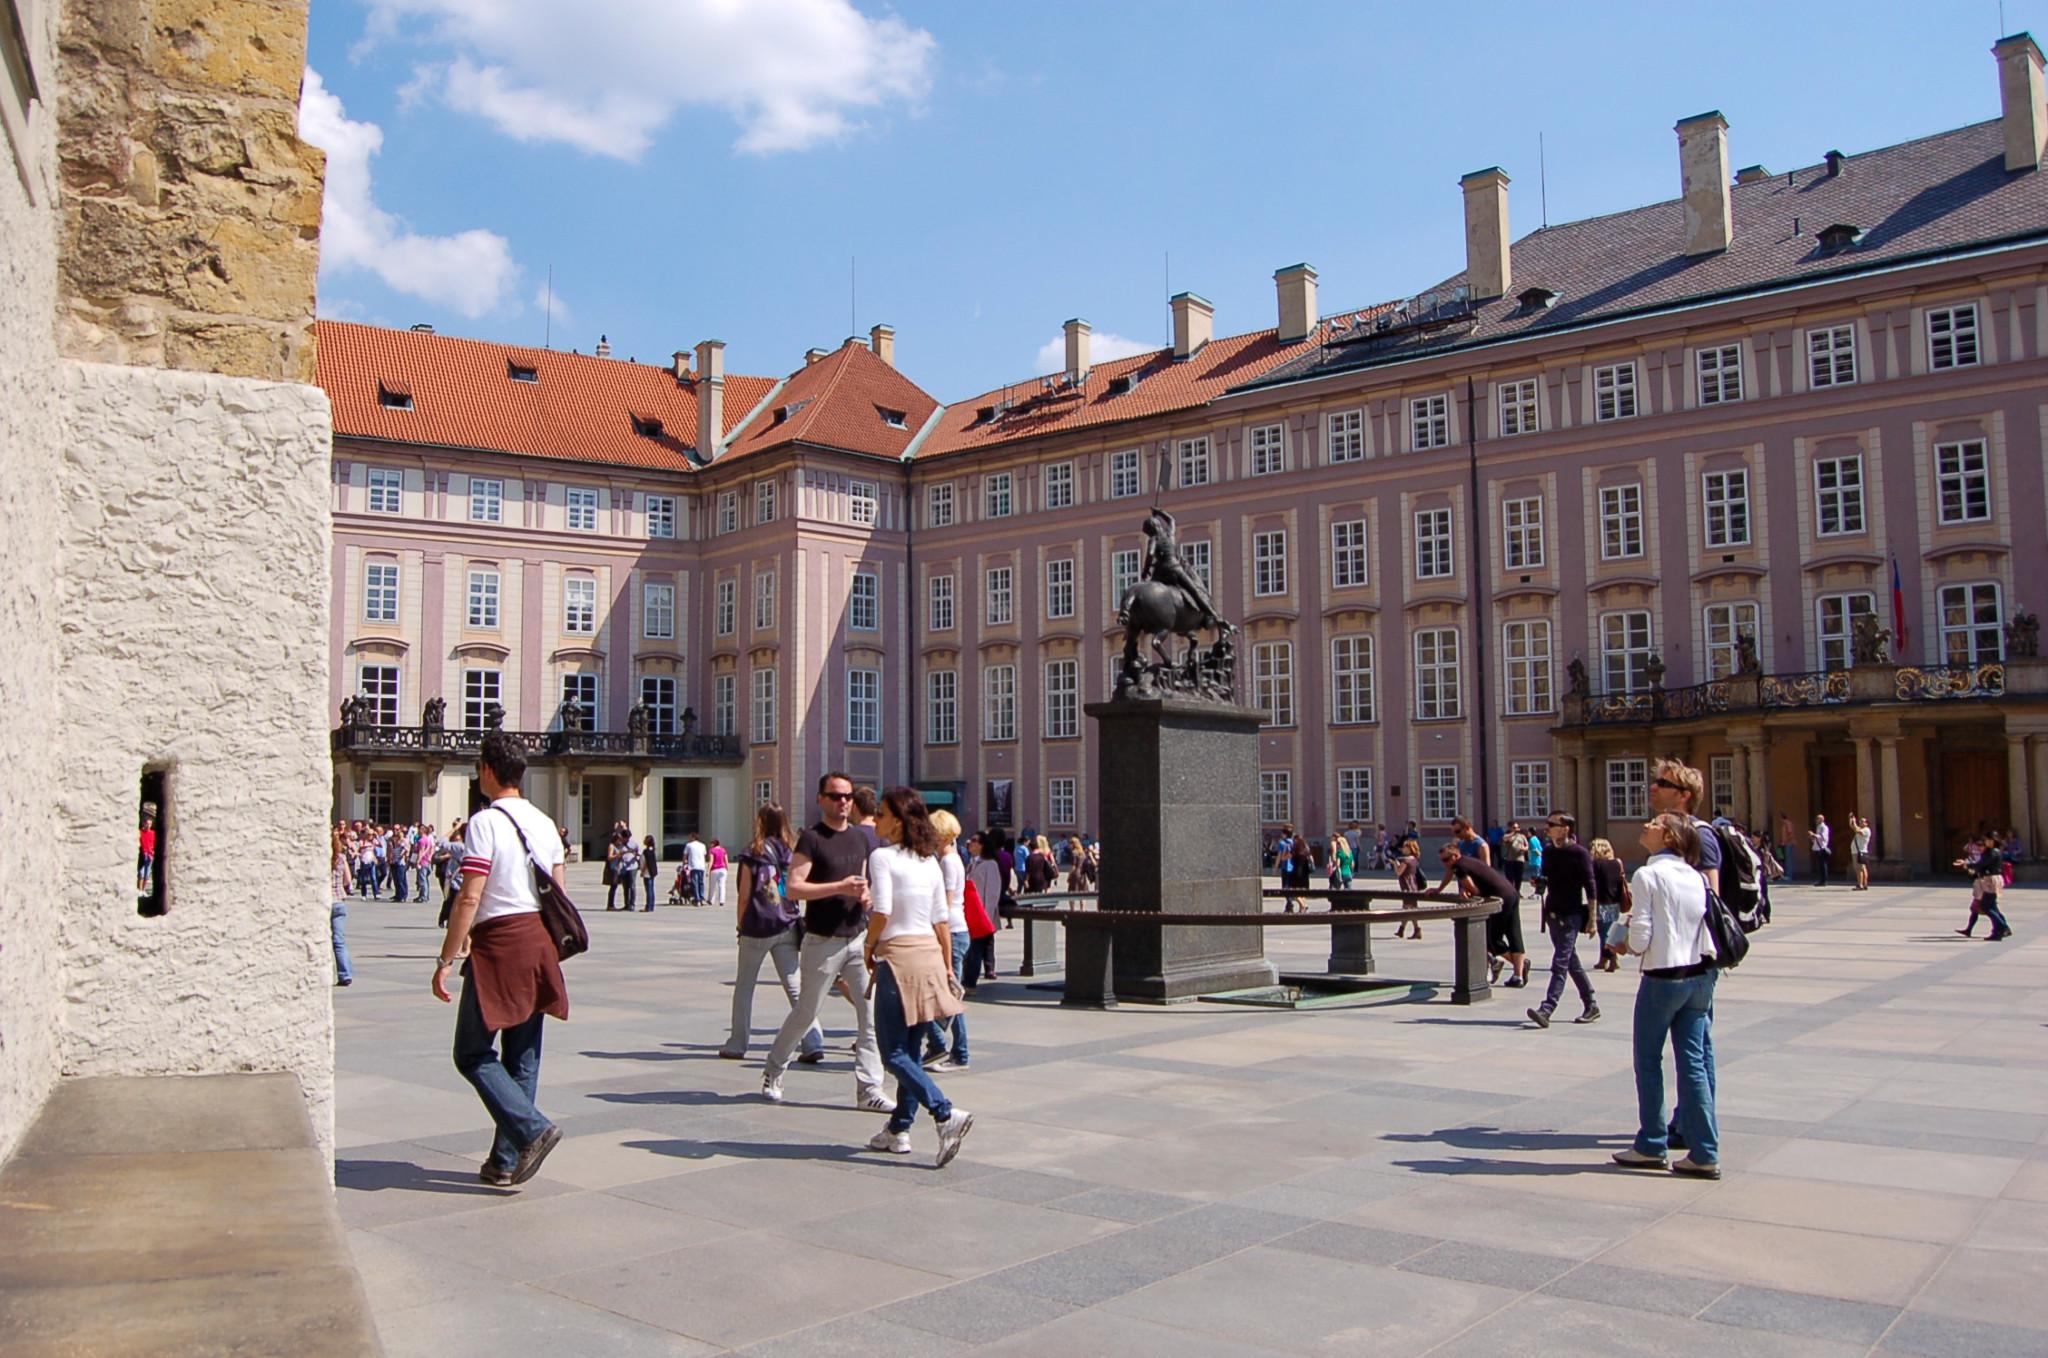 Besichtigung der Prager Burg